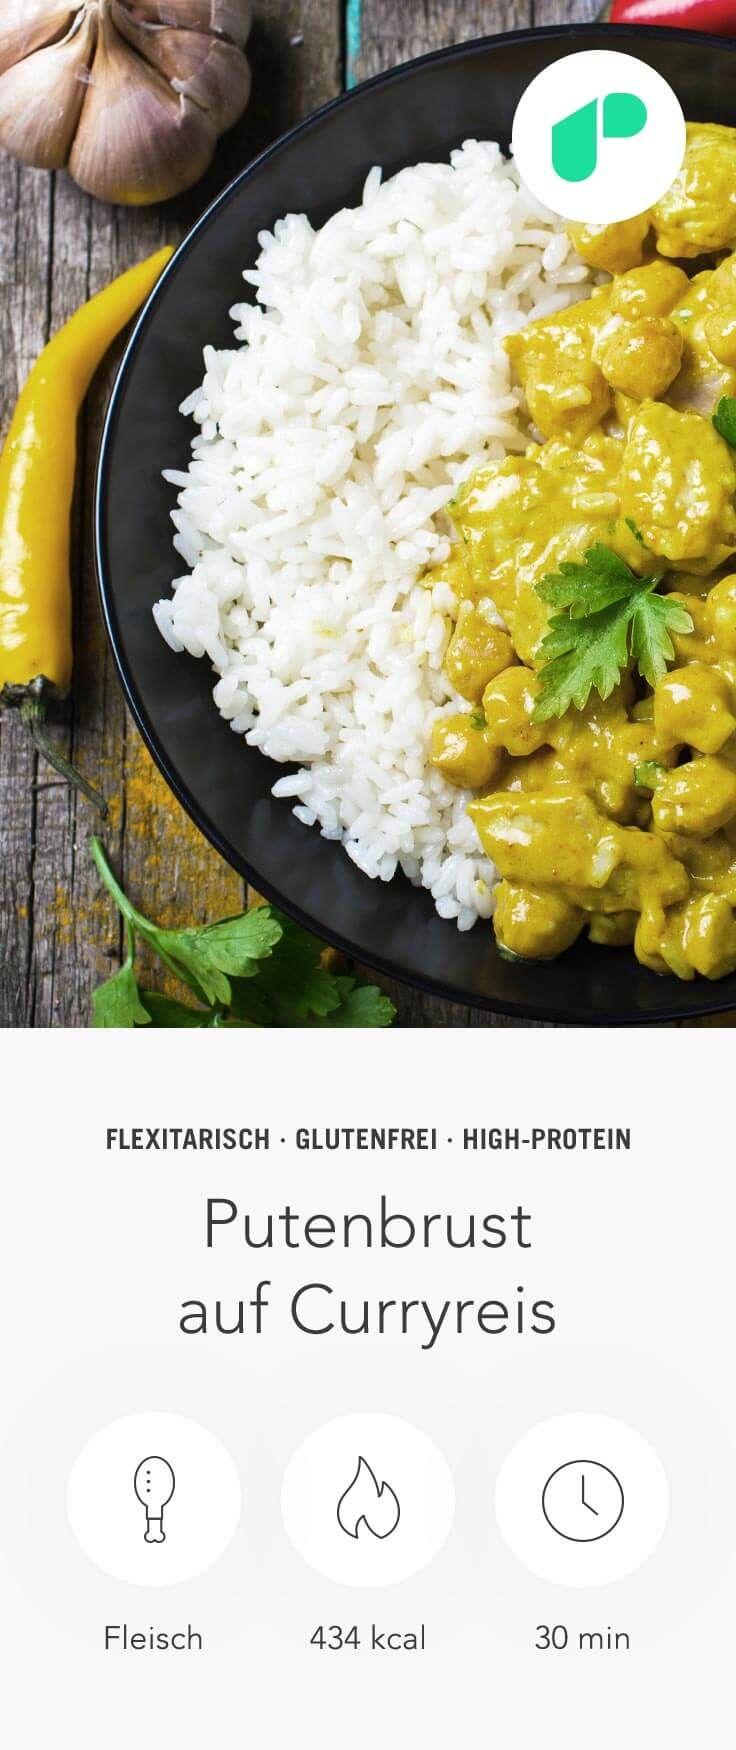 Putenbrust auf Curryreis #gezondeten